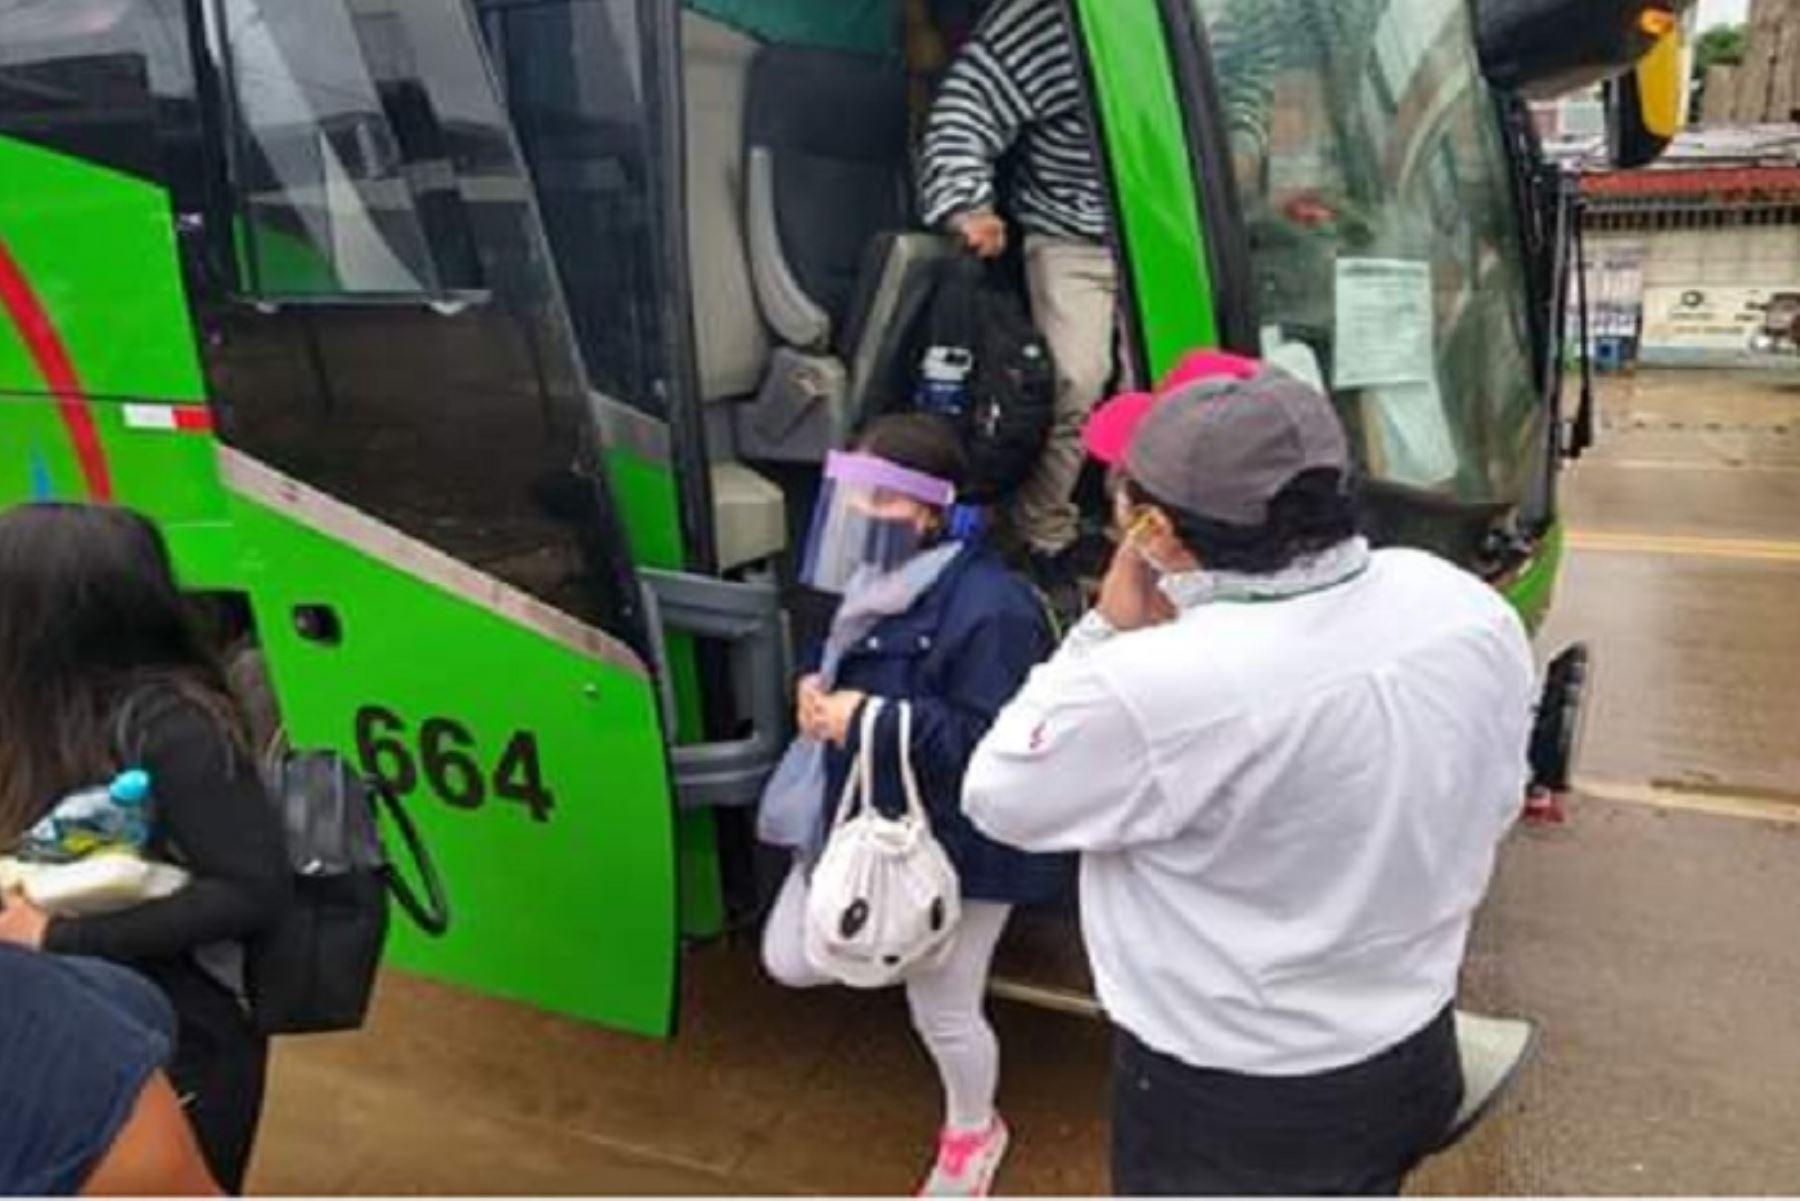 Funcionarios del Gobierno Regional de Madre de Dios acompañaron a los retornantes en el trayecto hasta  los hoteles, donde pasarán los 14 días de cuarentena y recibirán alimentación diaria.